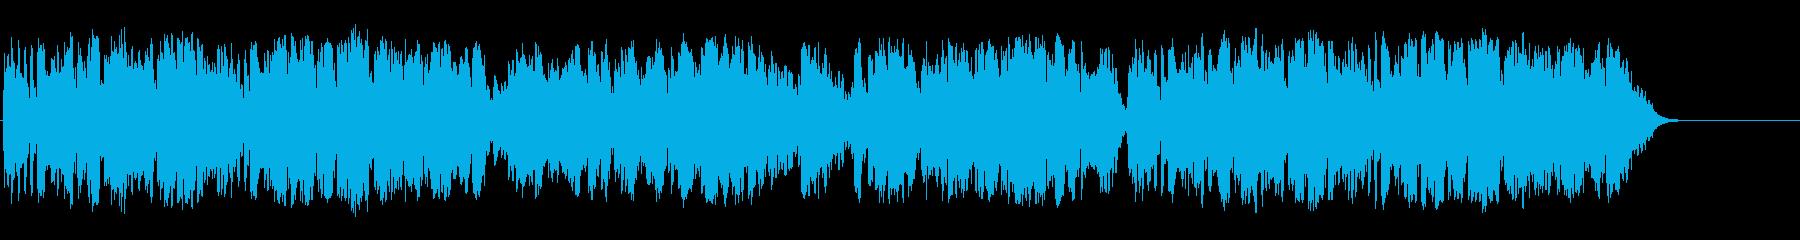 厳粛なクラシック/管楽四重奏の再生済みの波形